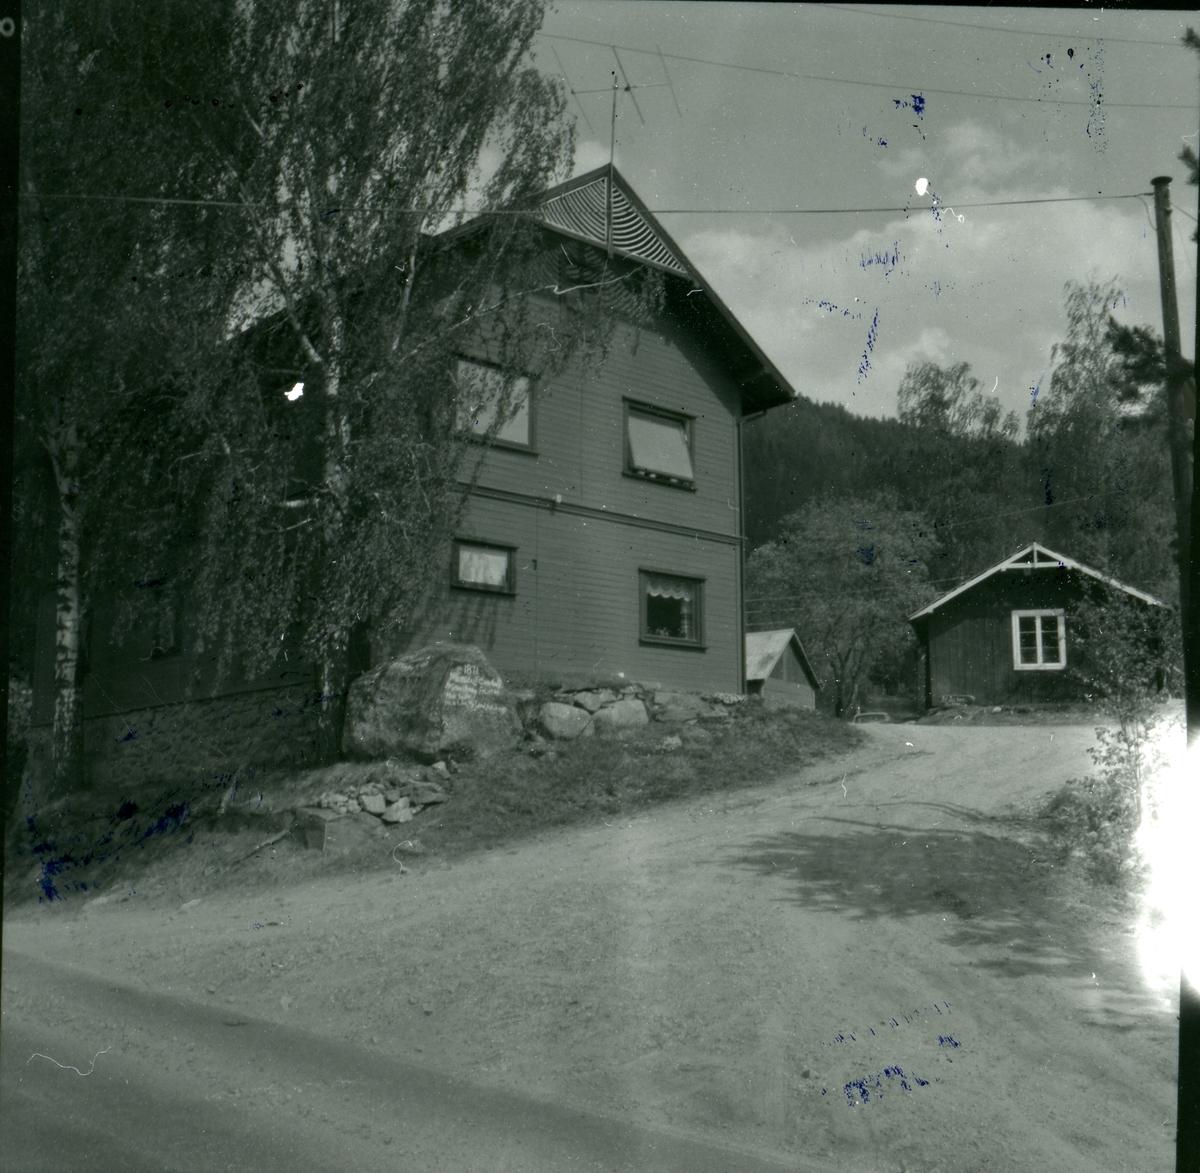 Dønhaug, Østre Bagn, Sør-Aurdal